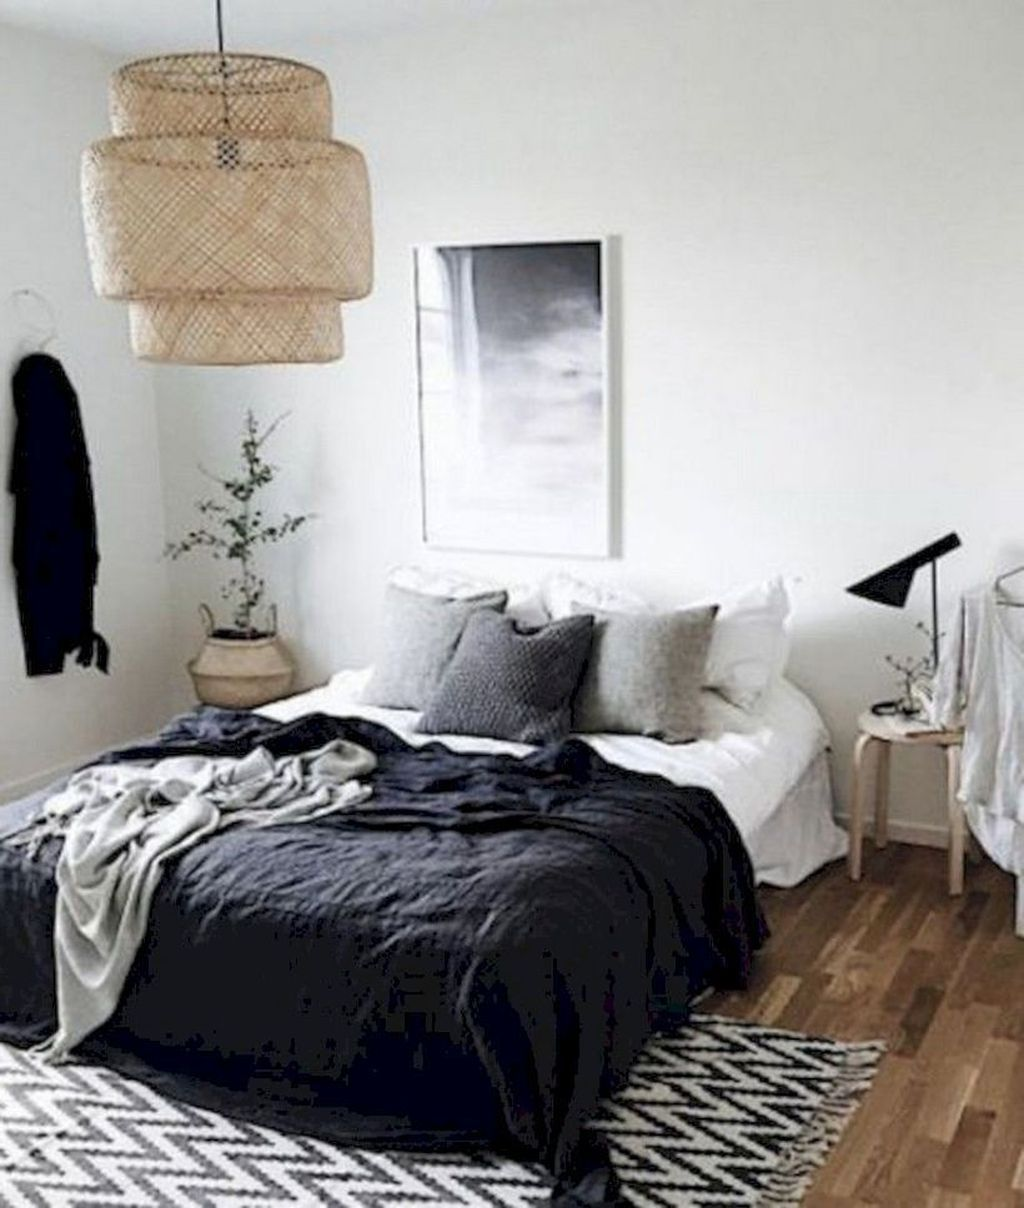 36 Amazing Rustic Scandinavian Bedroom Decor Ideas Bedroom Design Trends Minimalist Bedroom Design Bedroom Interior